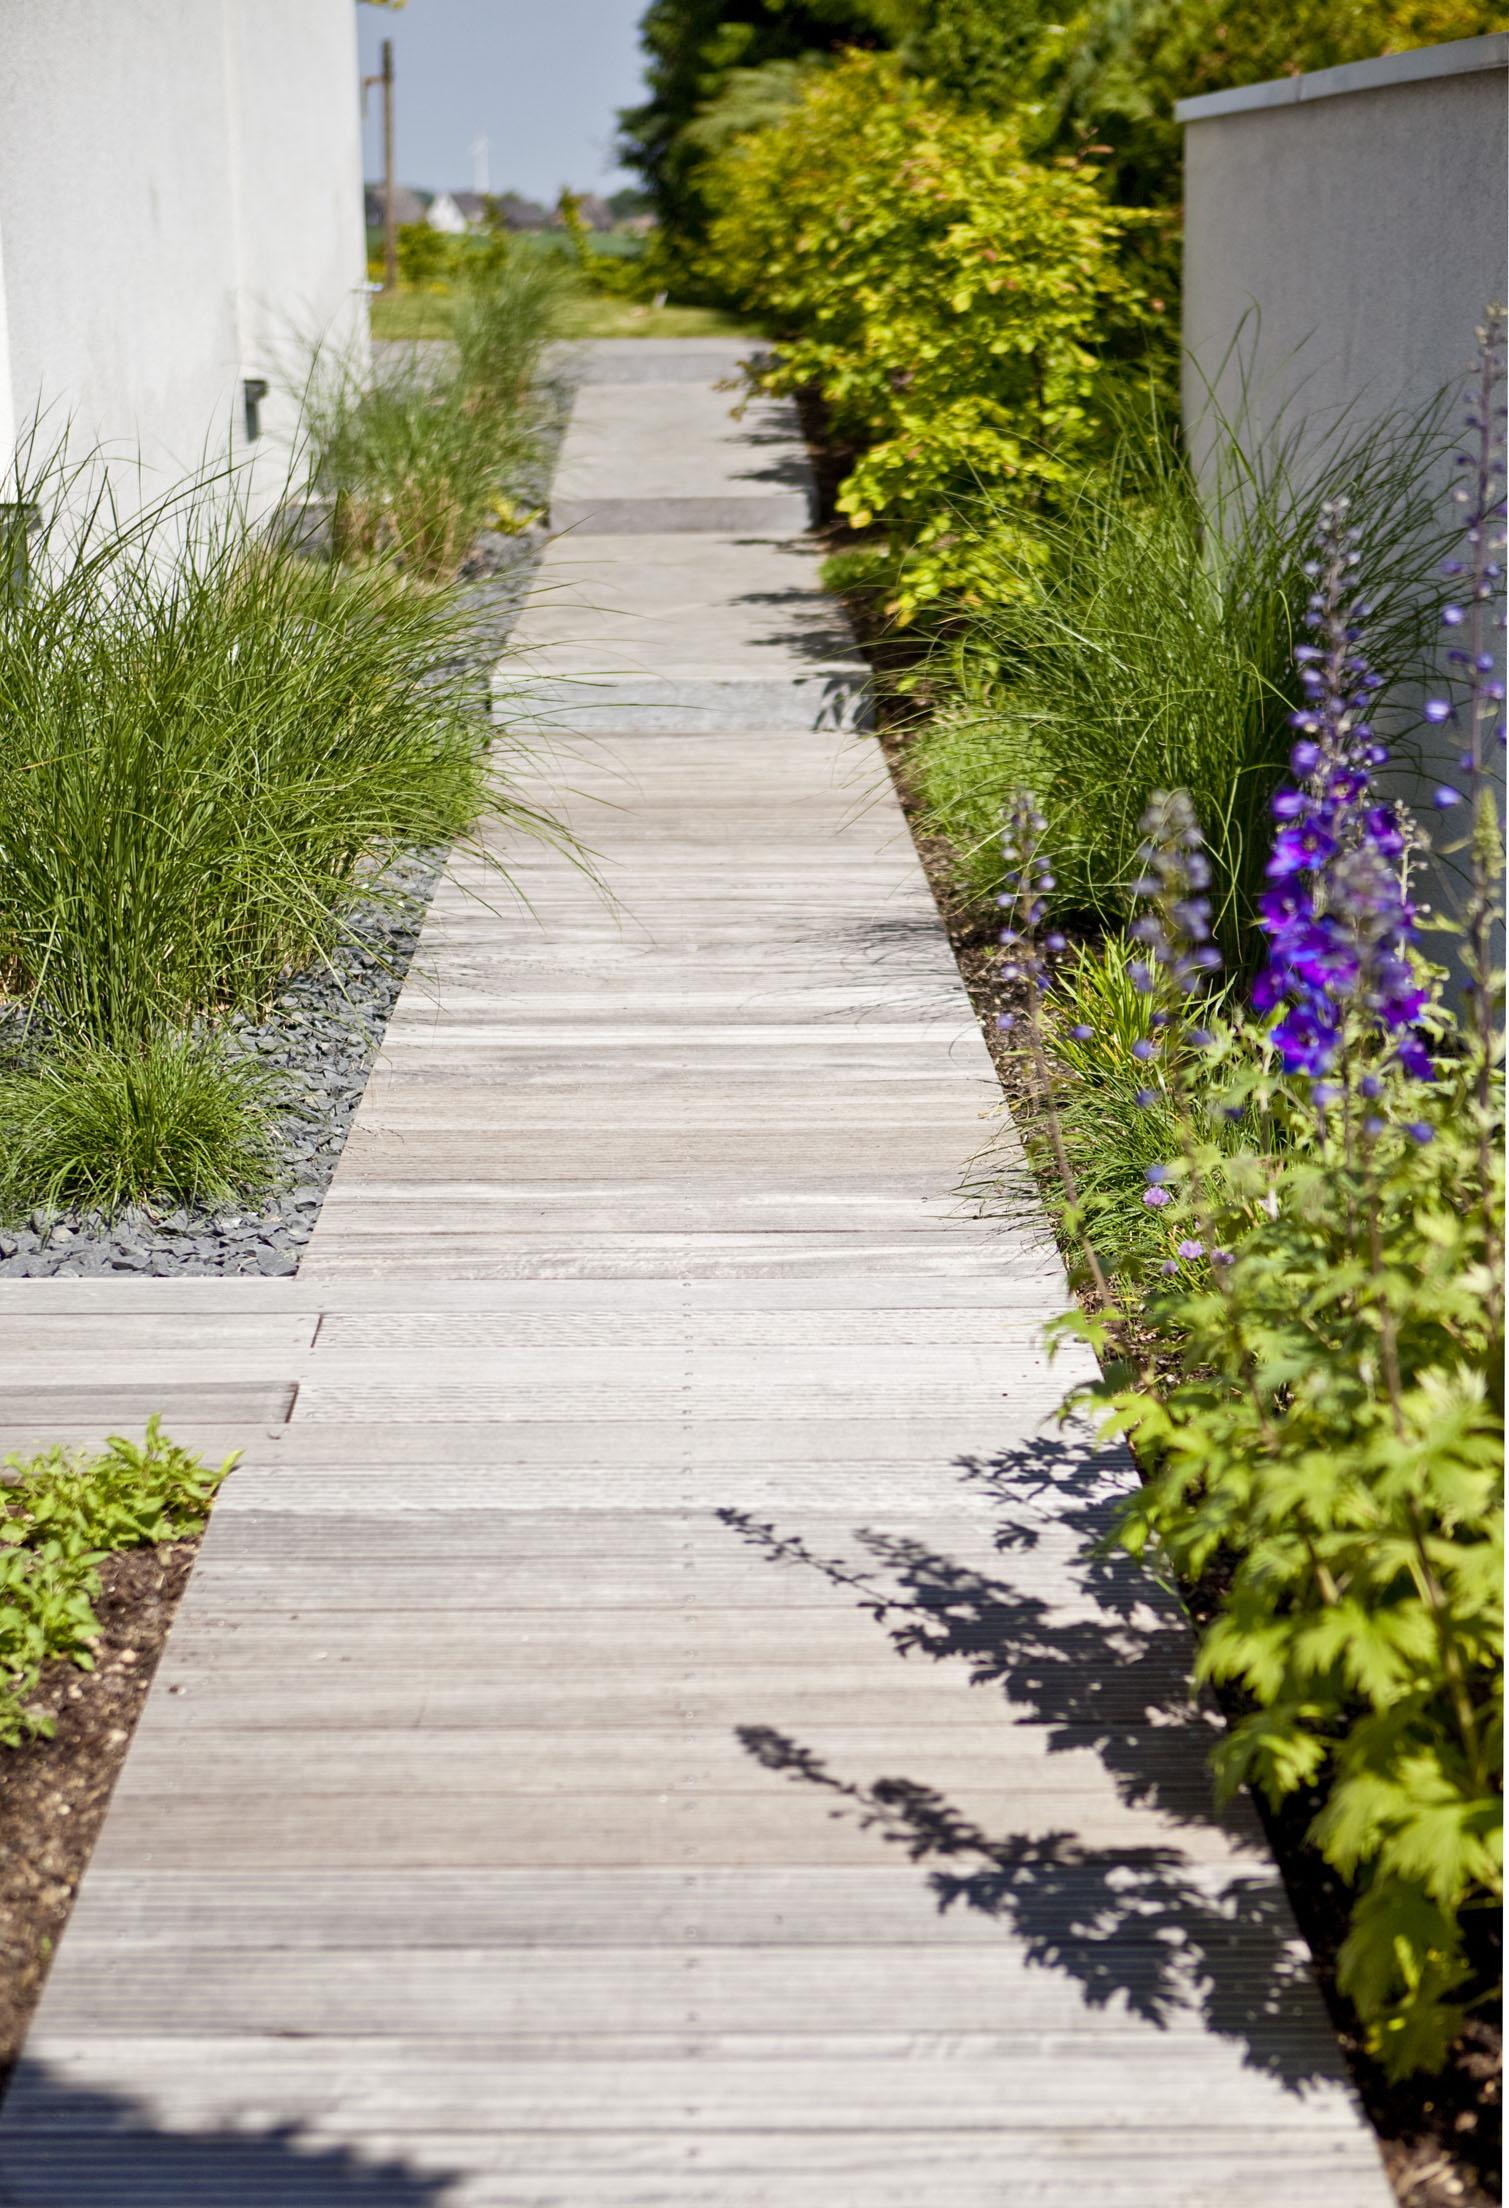 Referenzen gr n landschaftsarchitektur d sseldorf for Minimalistischer vorgarten